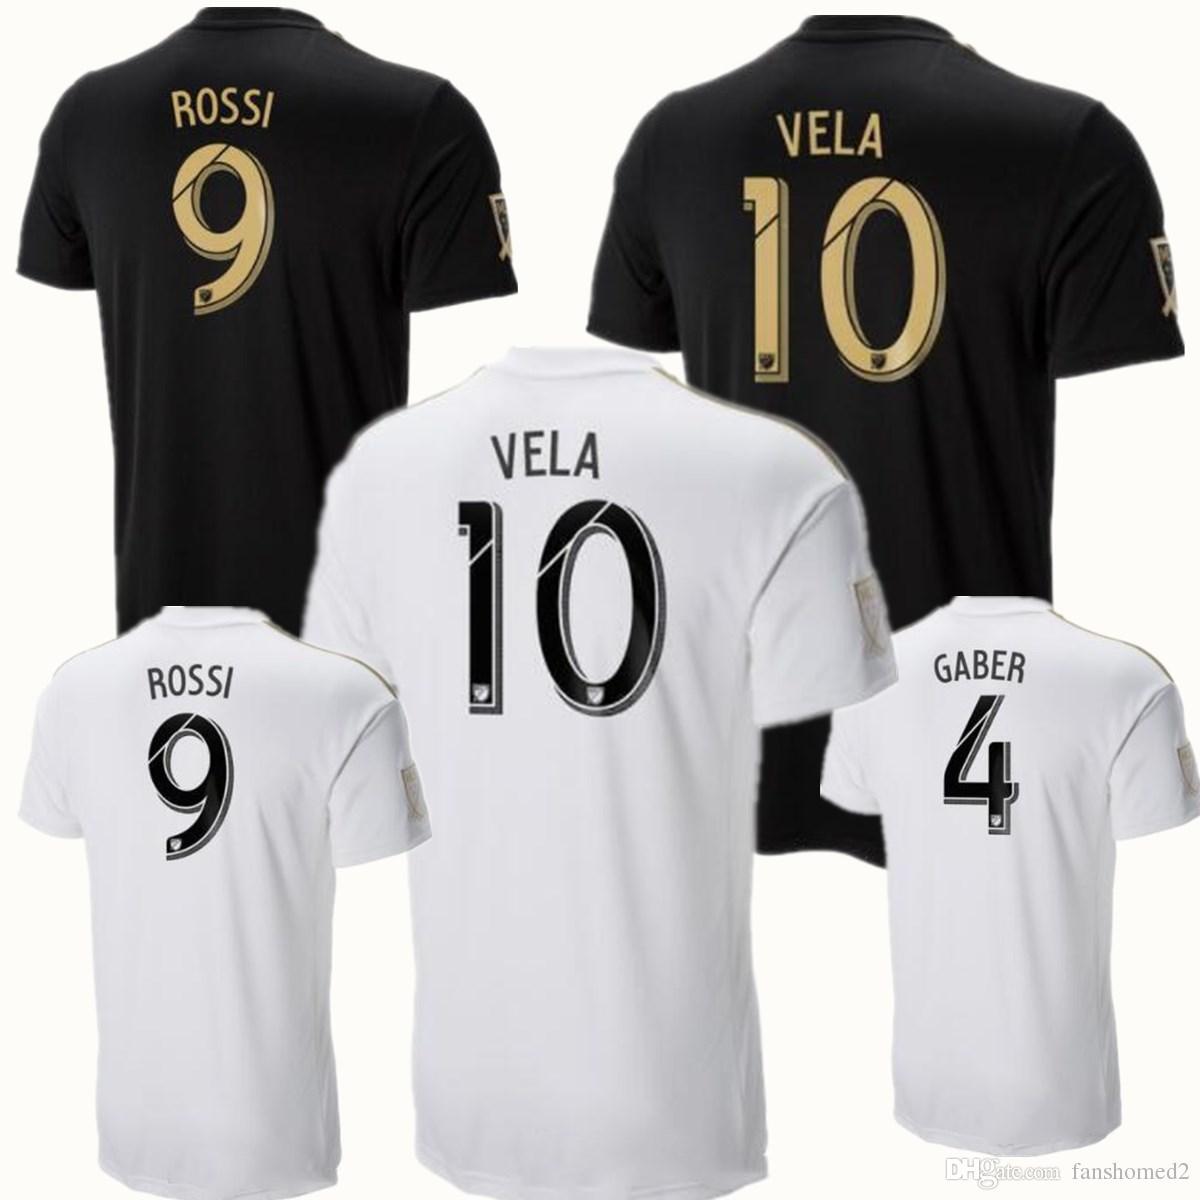 e46c84f1d3ed3 2018 18 19 Los Angeles FC LA ROSSI VELA GABER CAMISETAS FUTBOL Camiseta De Fútbol  Camisetas Futbol Tailandia Calidad 18 19 Adultos Camisetas De Fútbol Por ...